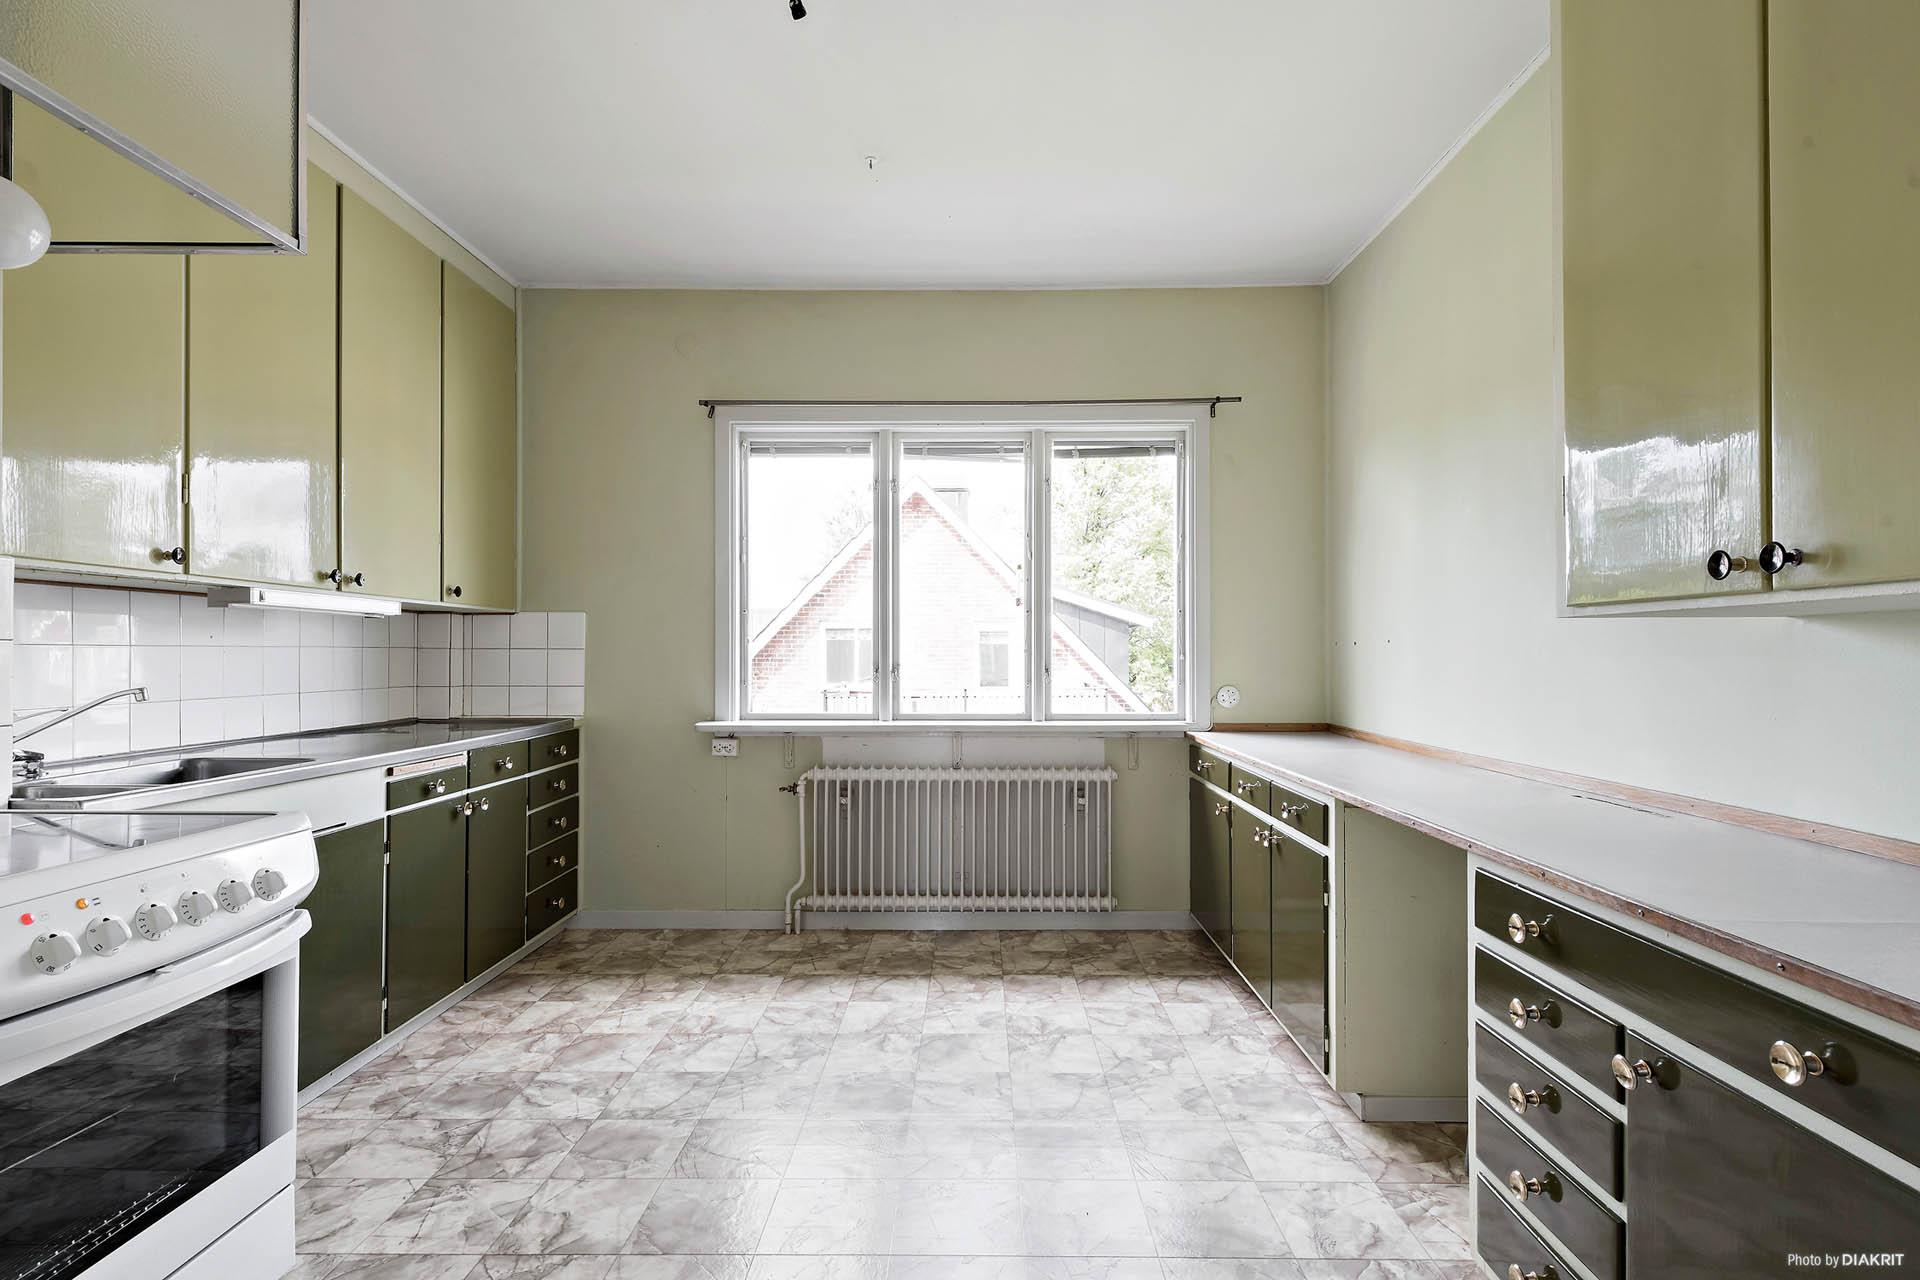 Lägenhet våning 2. Kök